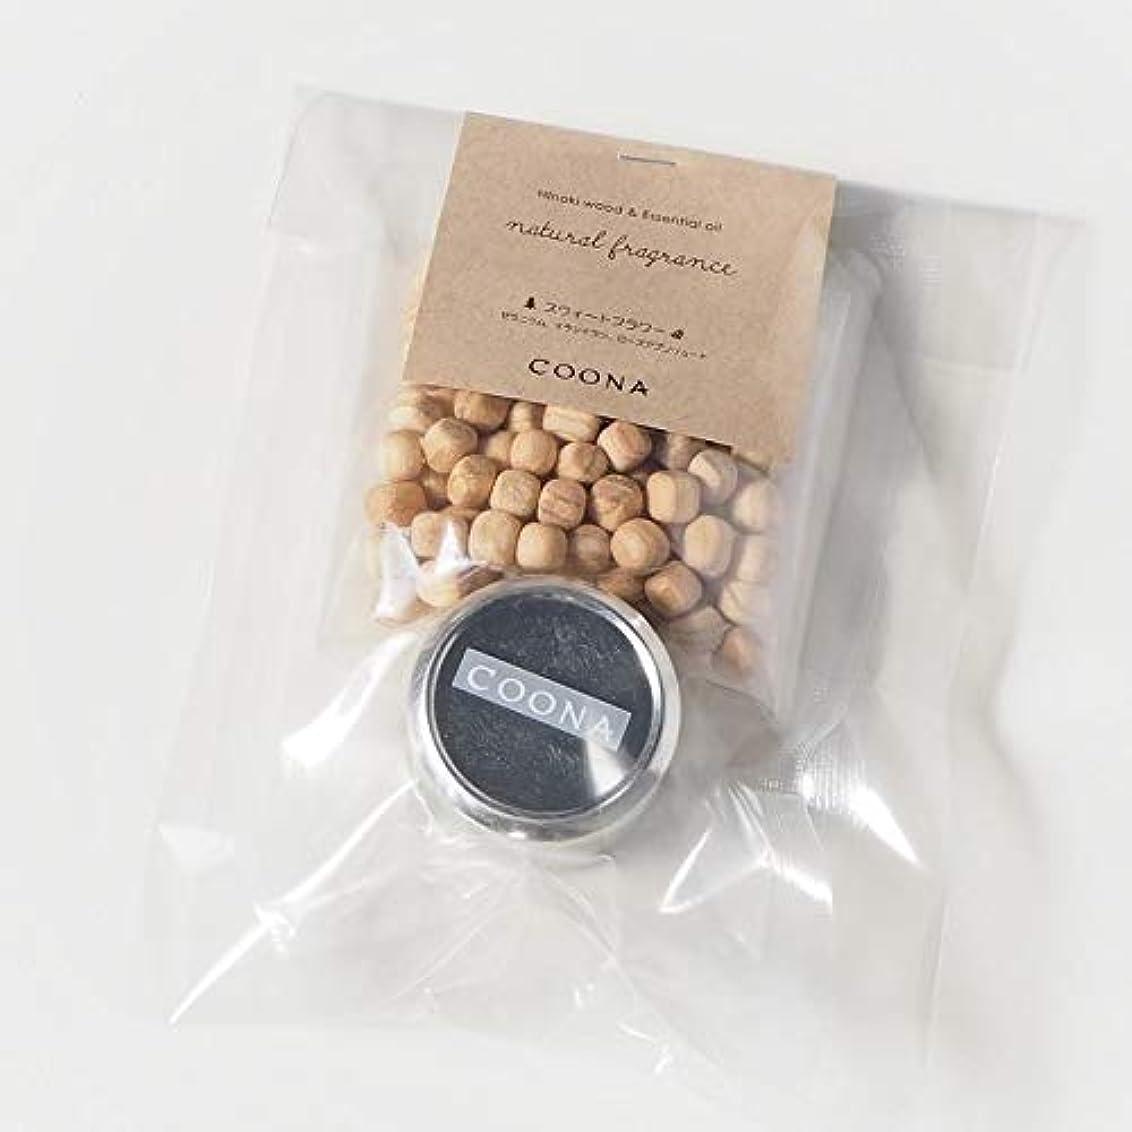 リスク味わう好色なヒノキ ウッド& エッセンシャルオイル ナチュラルフレグランス (メタル缶付き, スウィートフラワー)